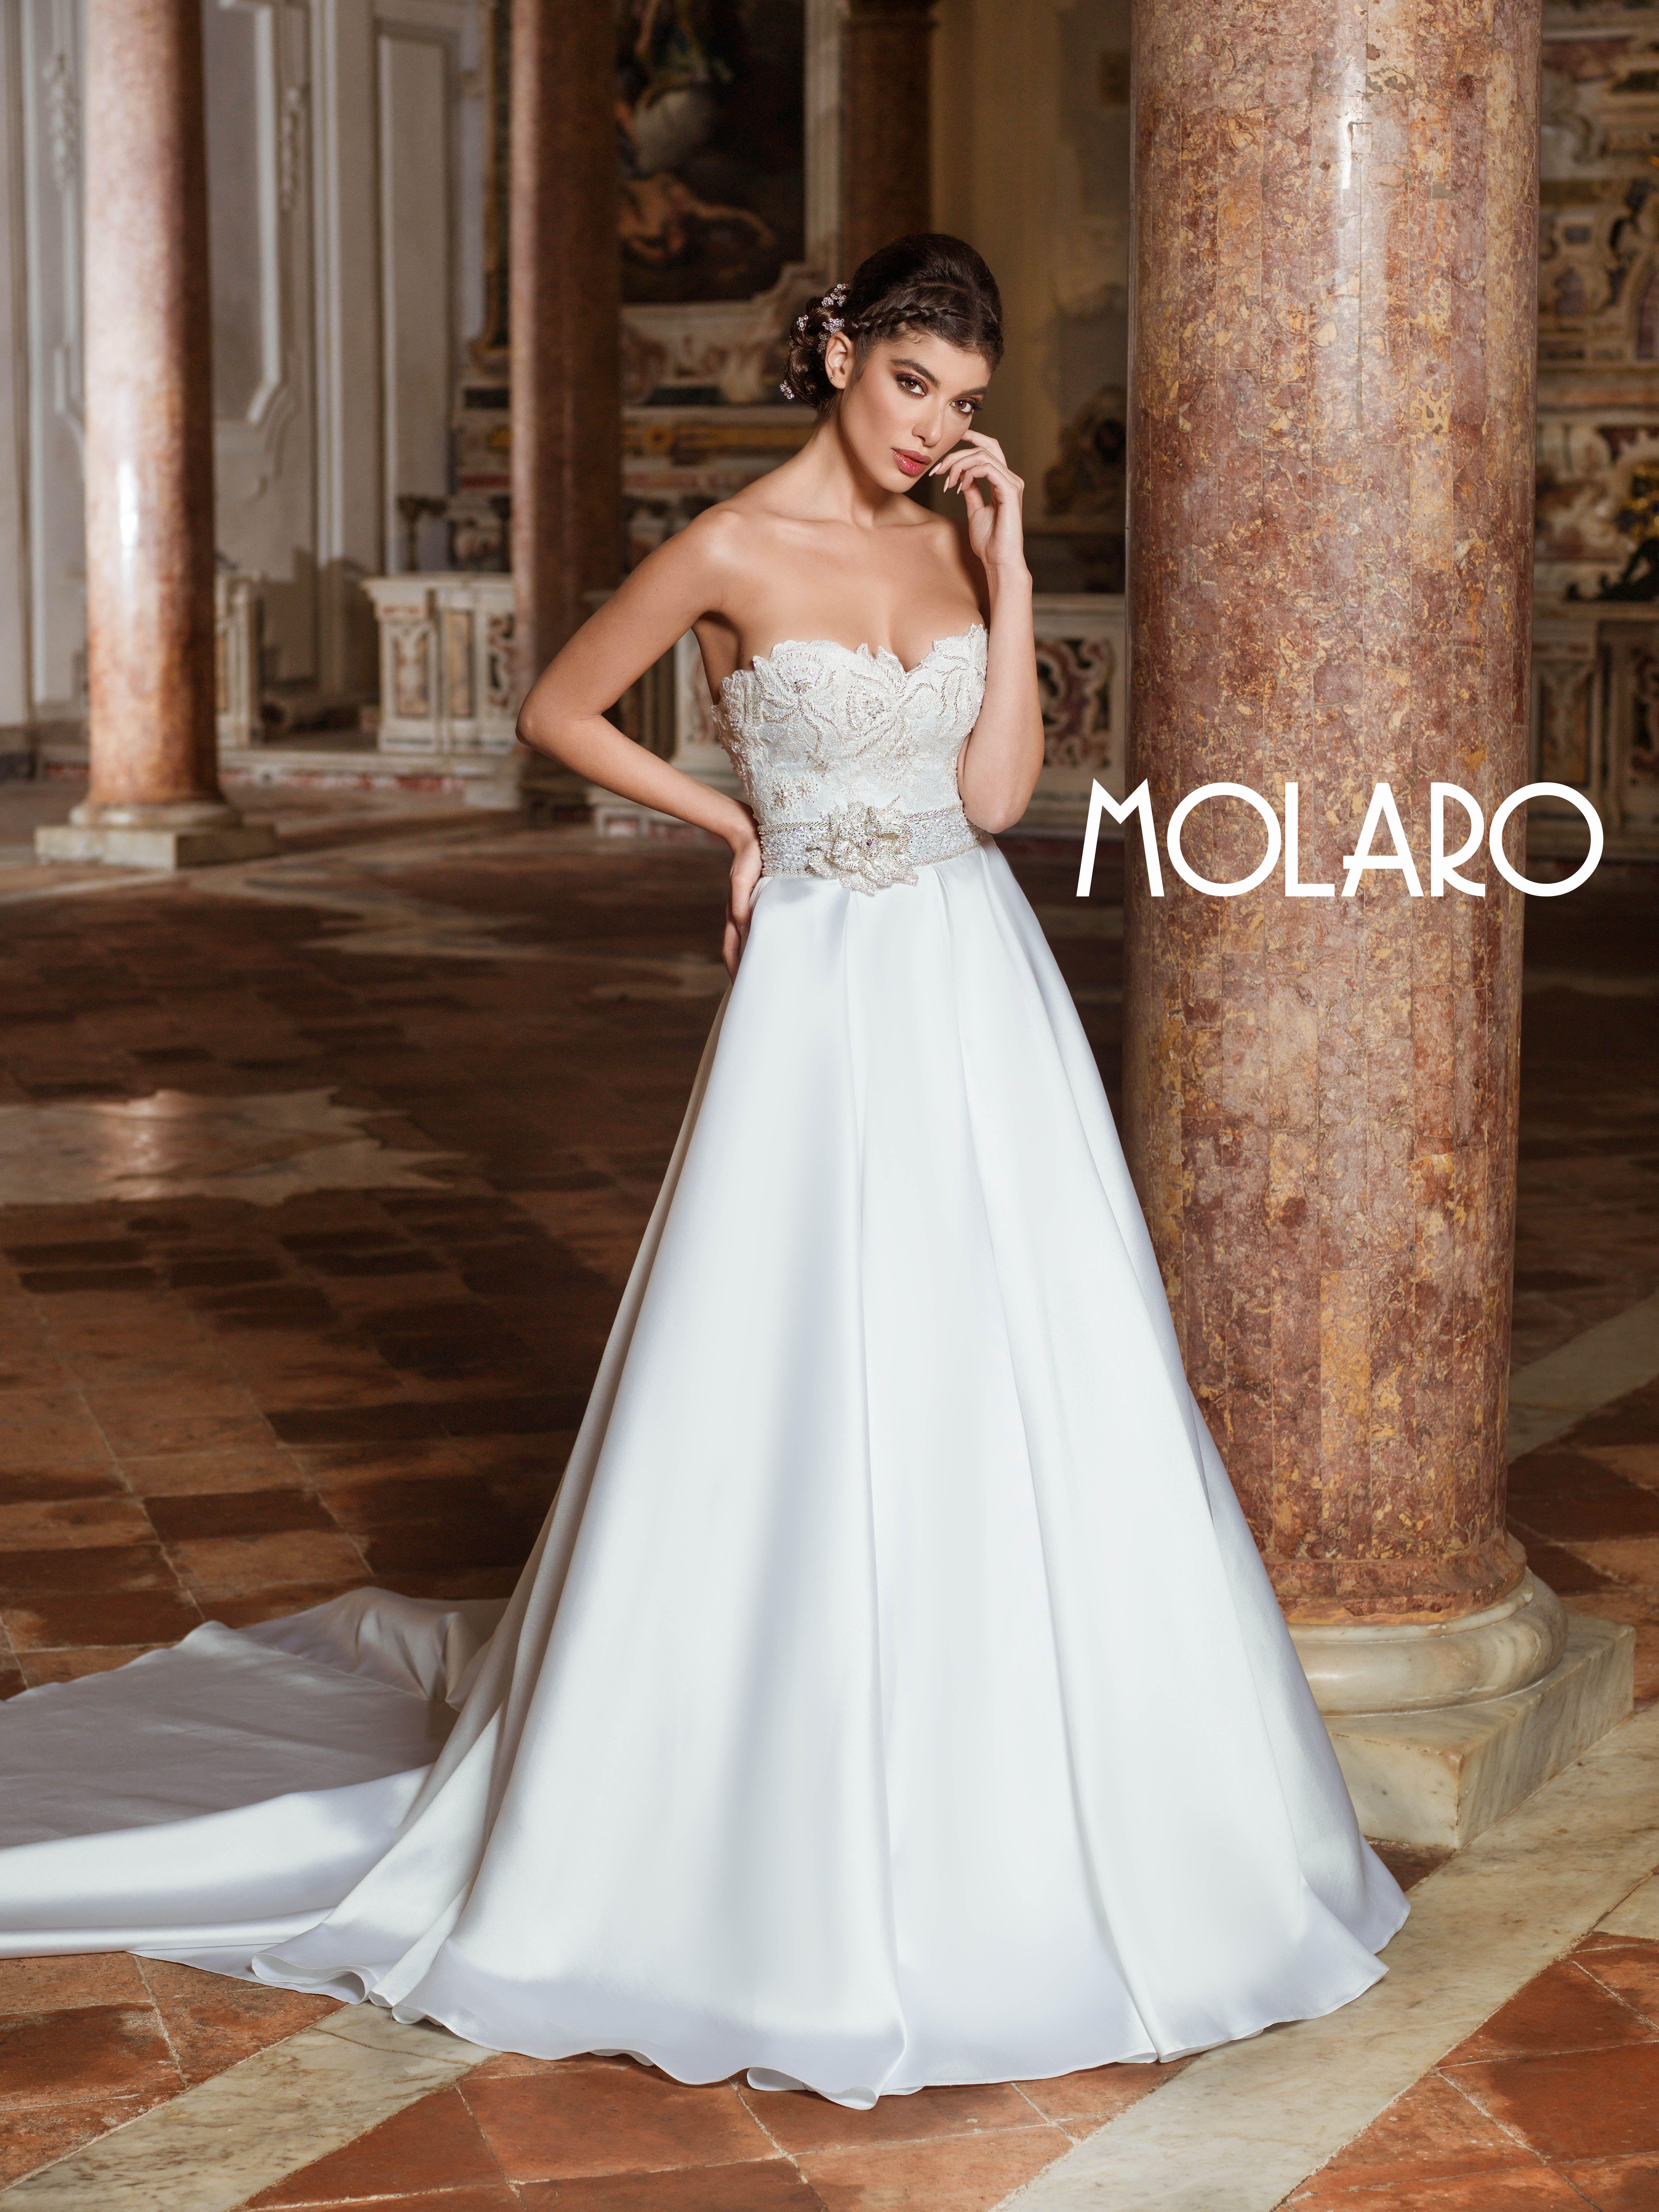 a basso costo bene fuori x vende Bride Collection , Gianni Molaro . #bridal #whitedress #sposa ...